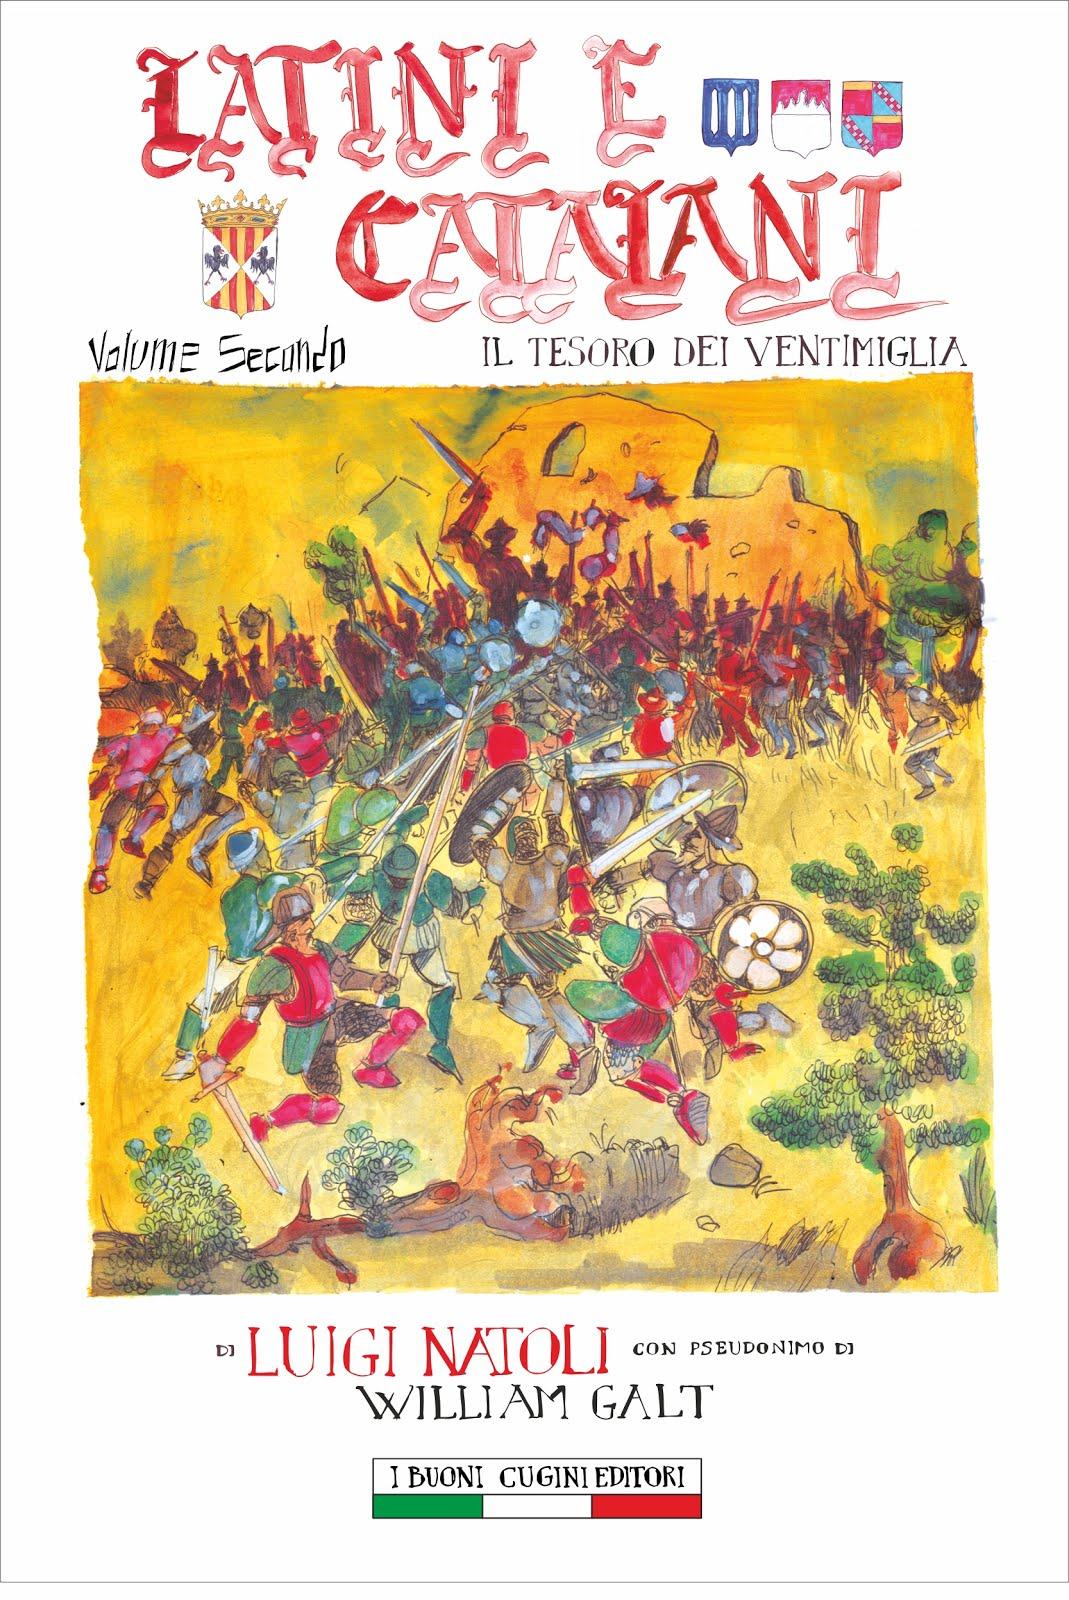 Latini e Catalani vol 2: Il tesoro dei Ventimiglia